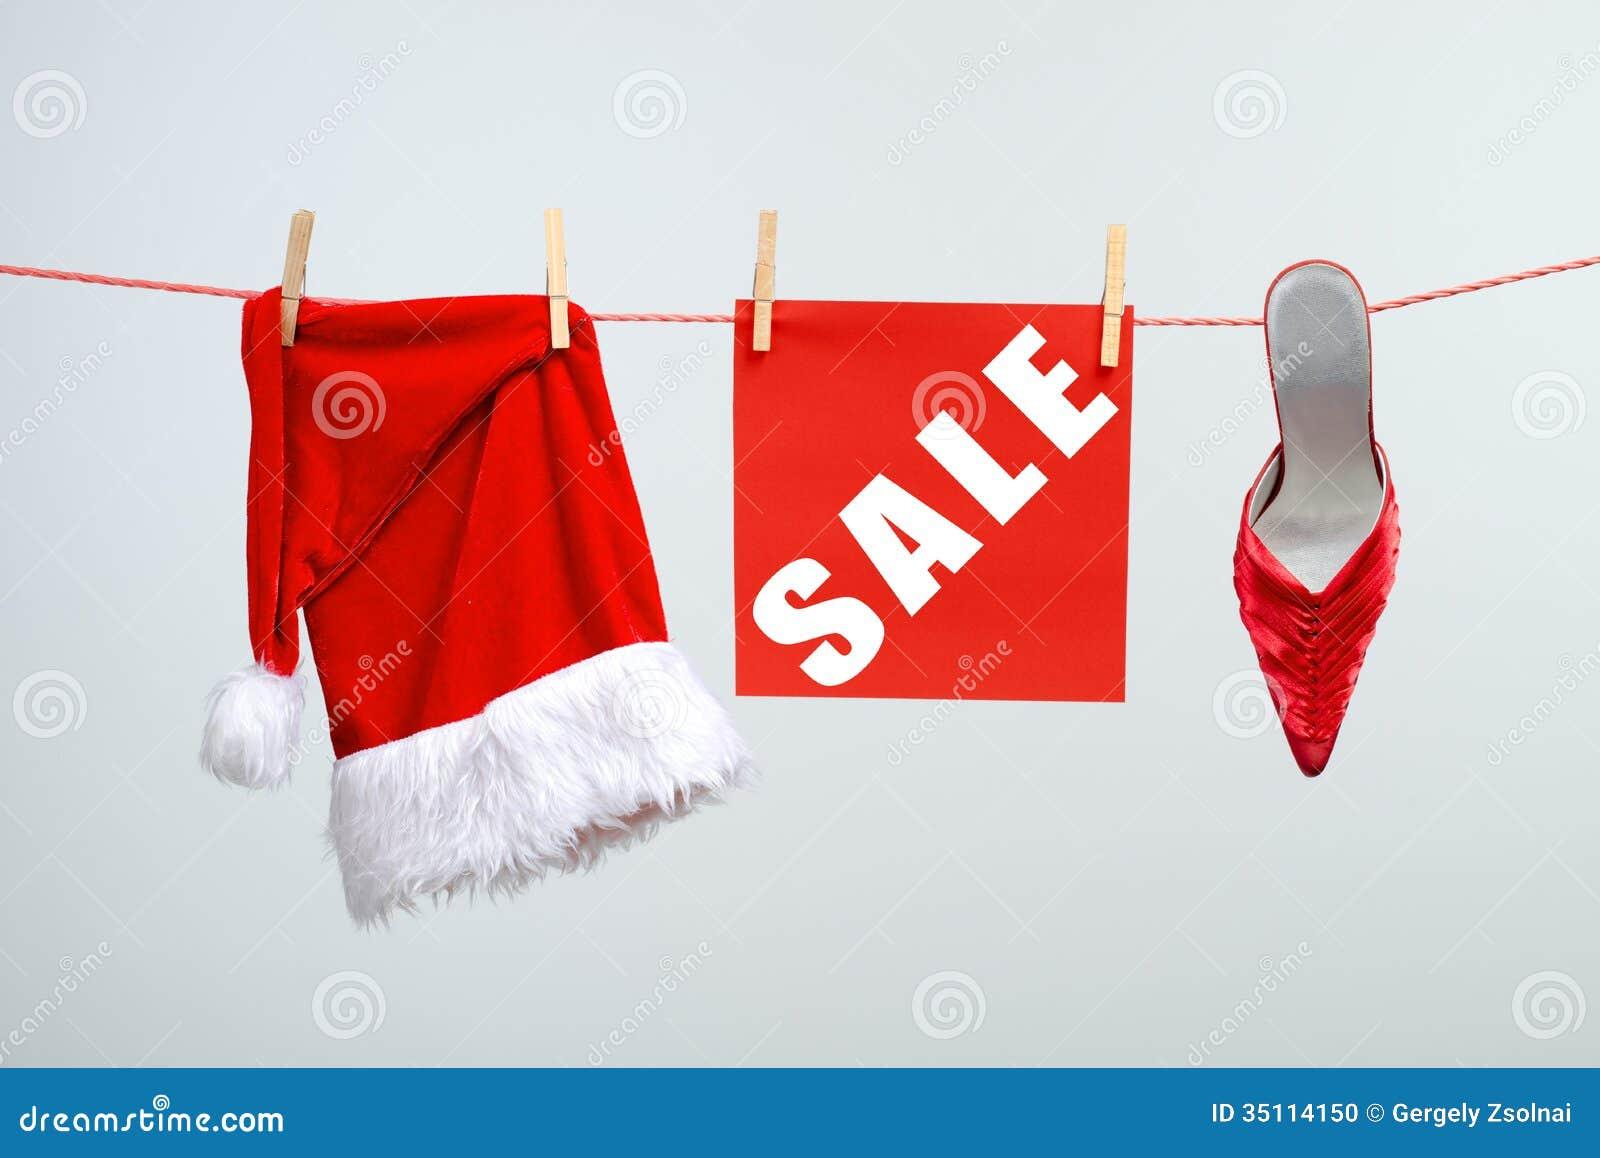 Weihnachten-VERKAUF stock abbildung. Illustration von hängen - 35114150